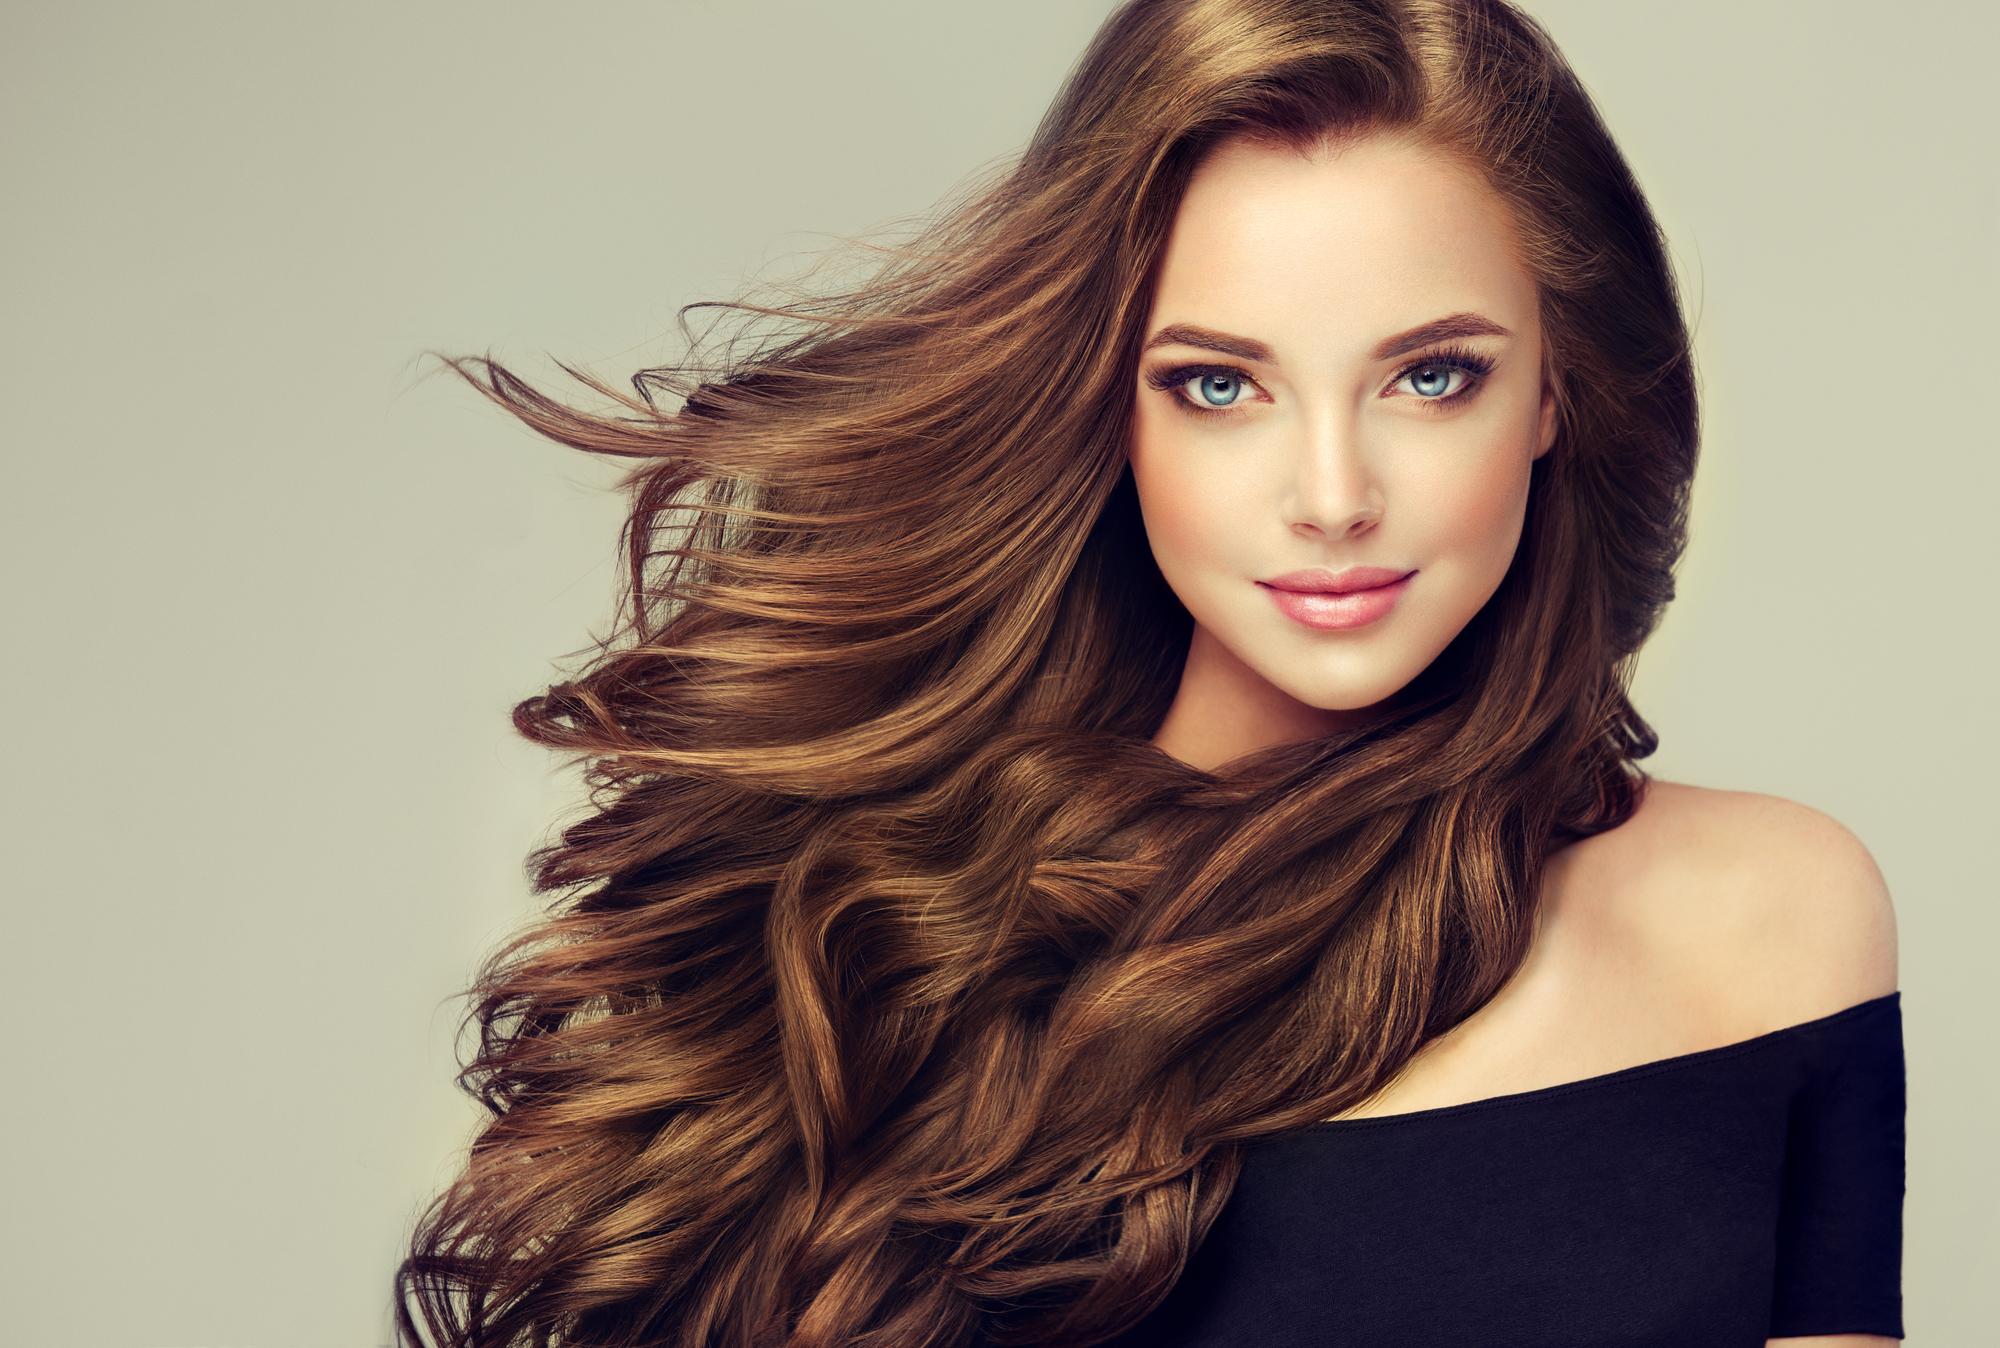 Питание для волос: вредные продукты